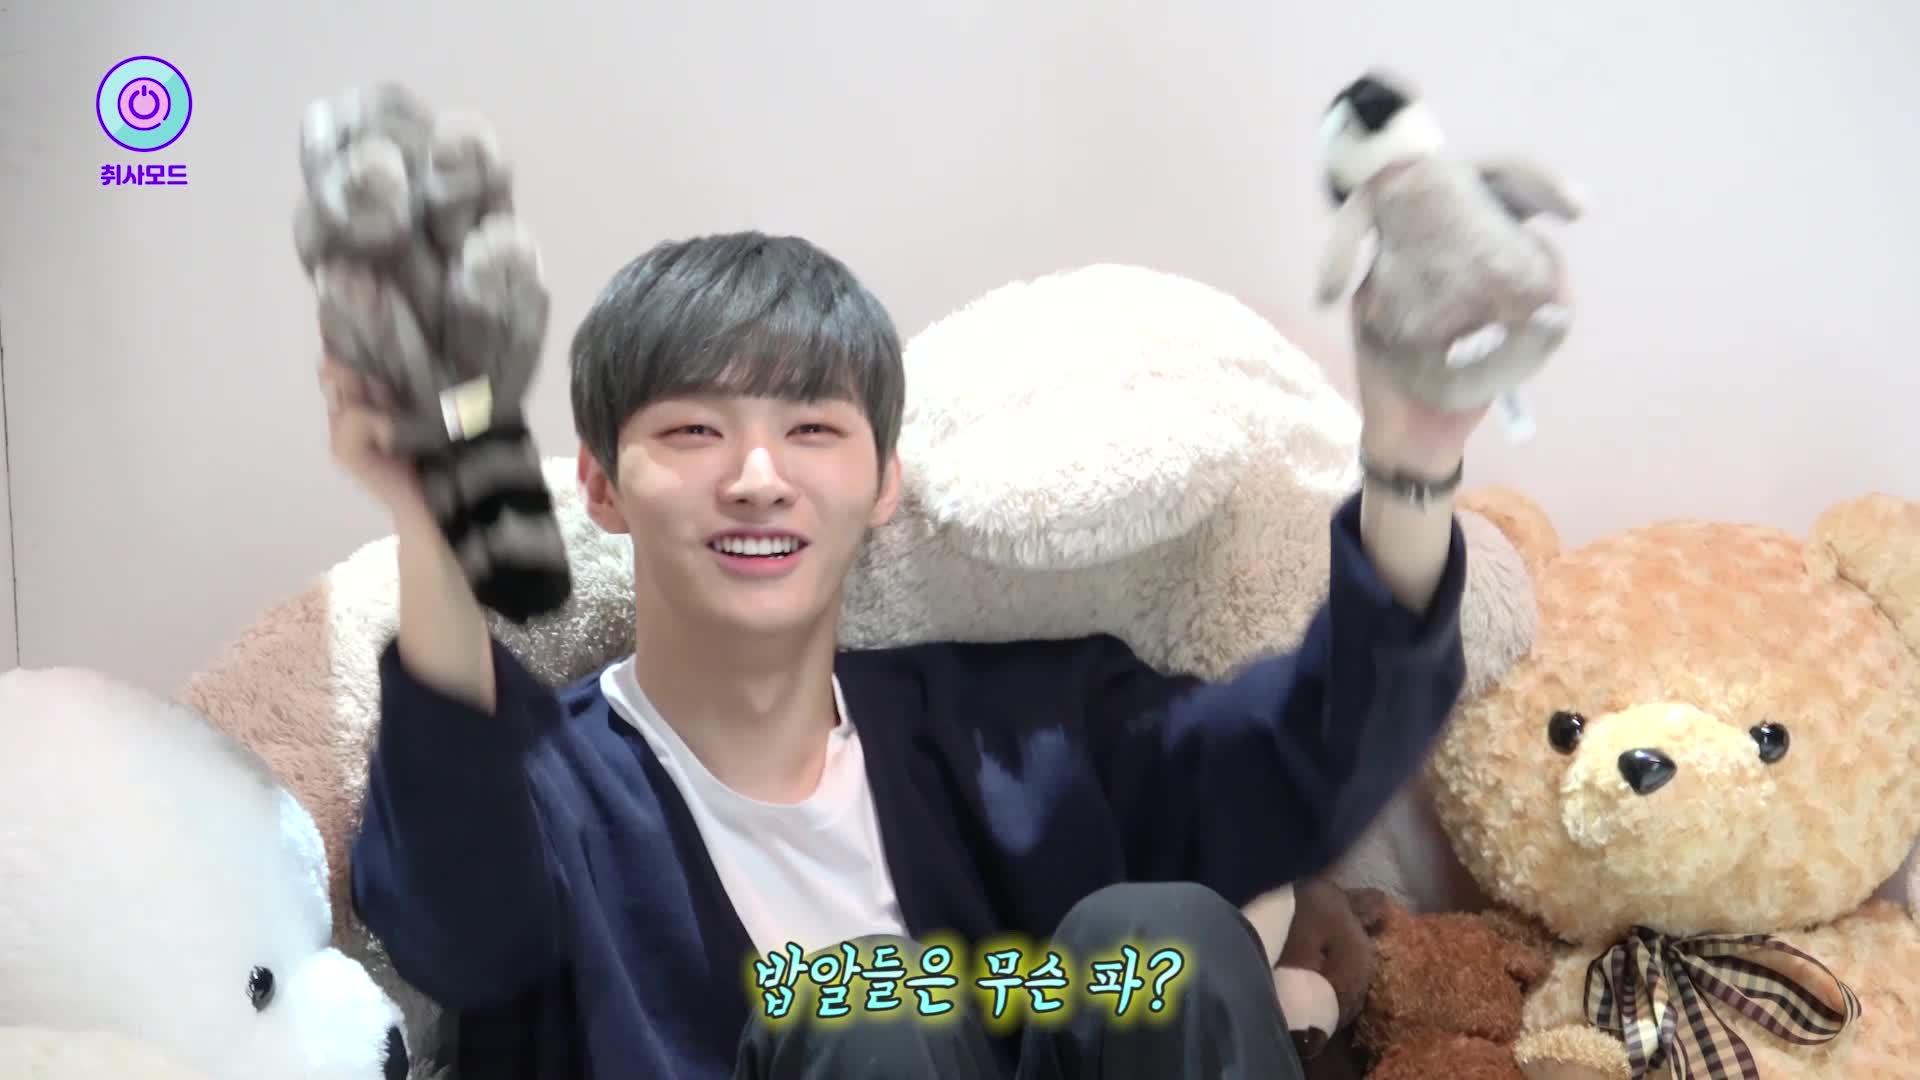 [윤쿠쿠캠] 언제 들어도 명곡! 지룽이의 'In the Rain' MV 촬영기